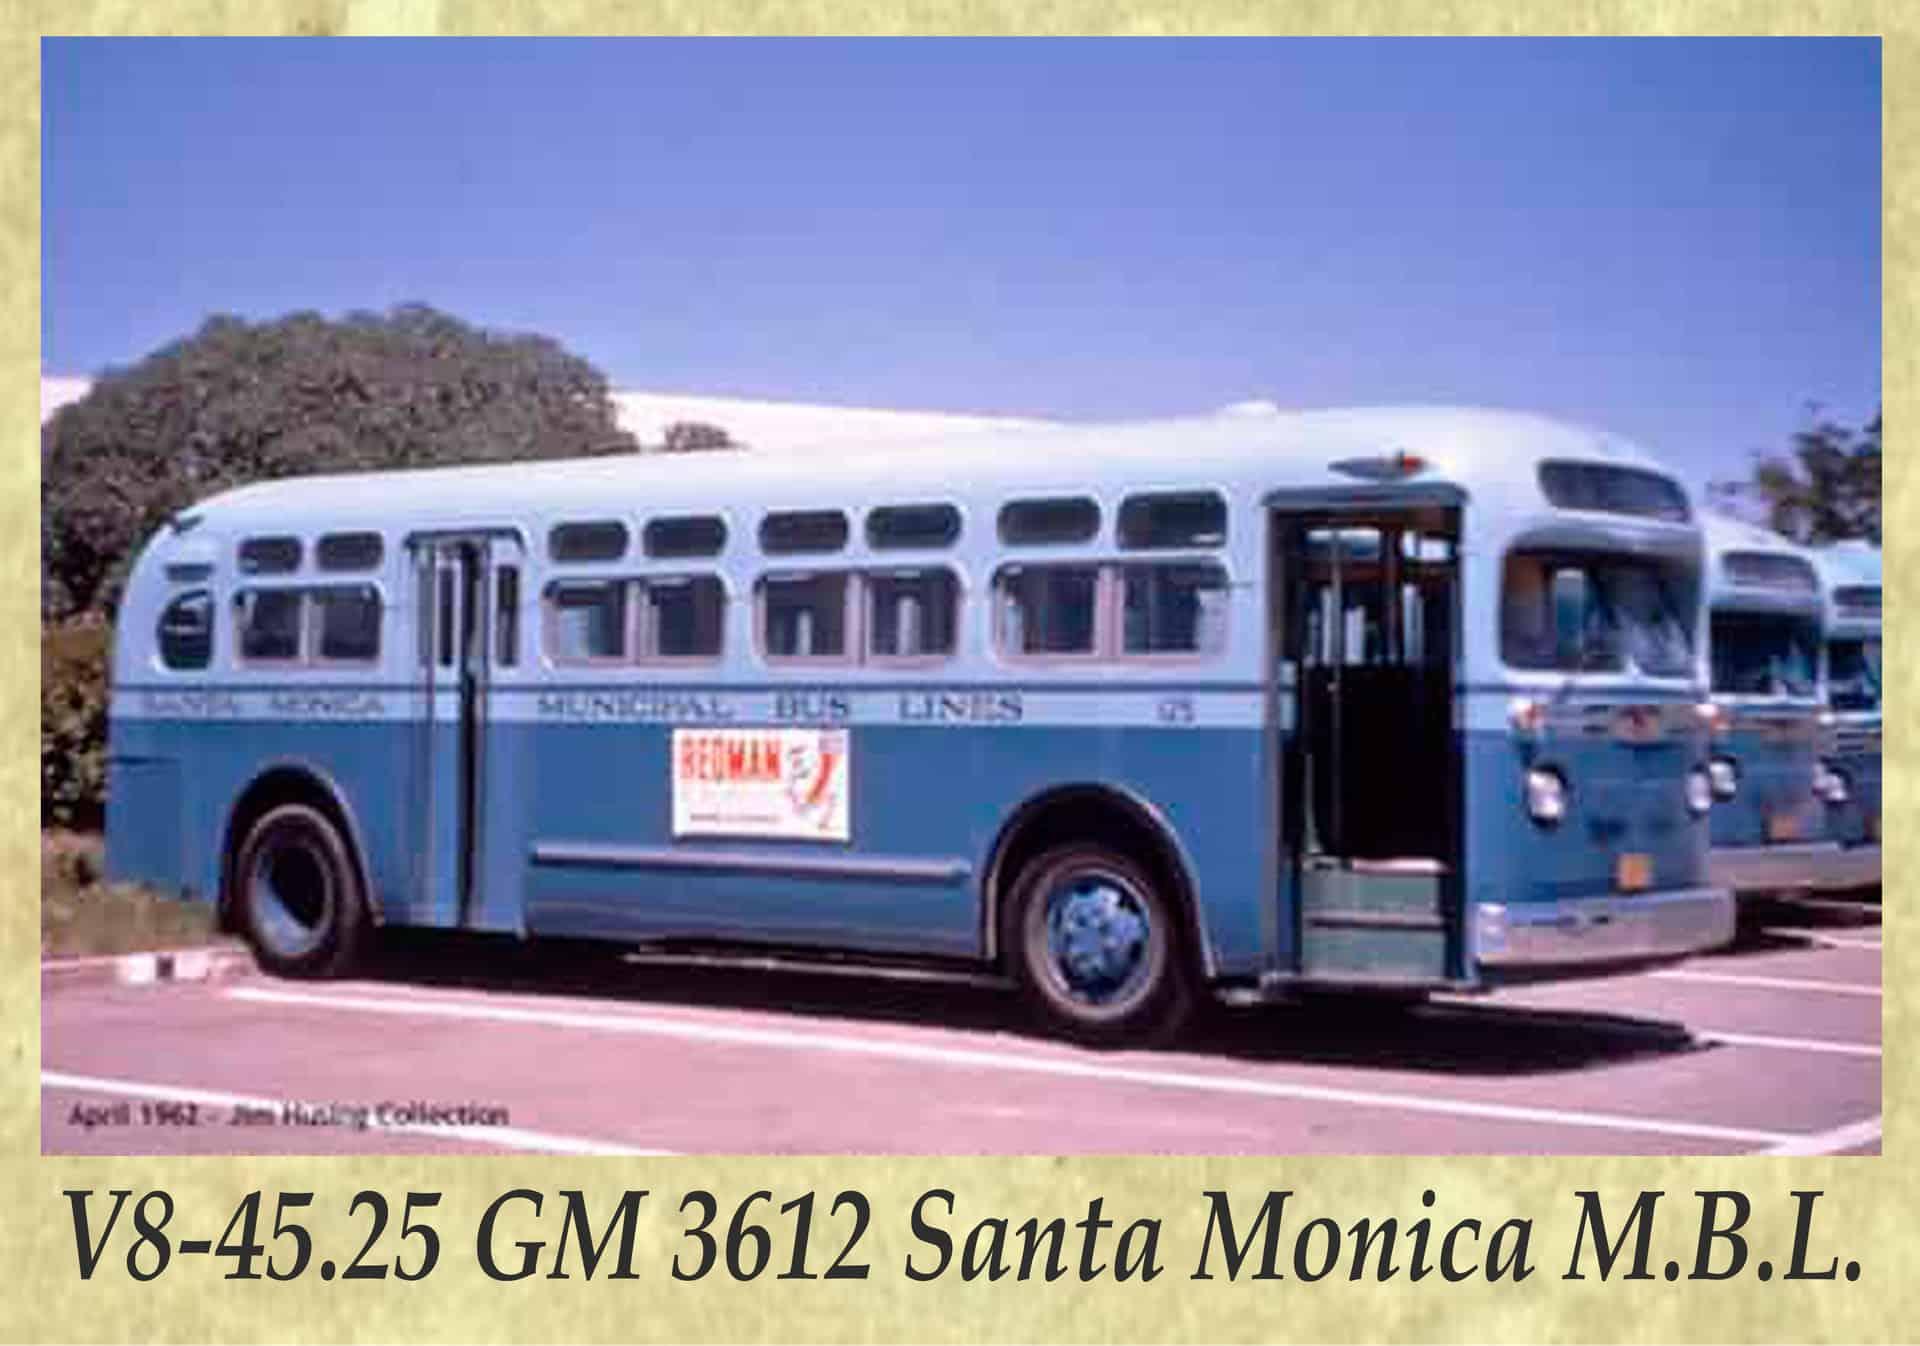 V8-45.25 GM 3612 Santa Monica M.B.L.